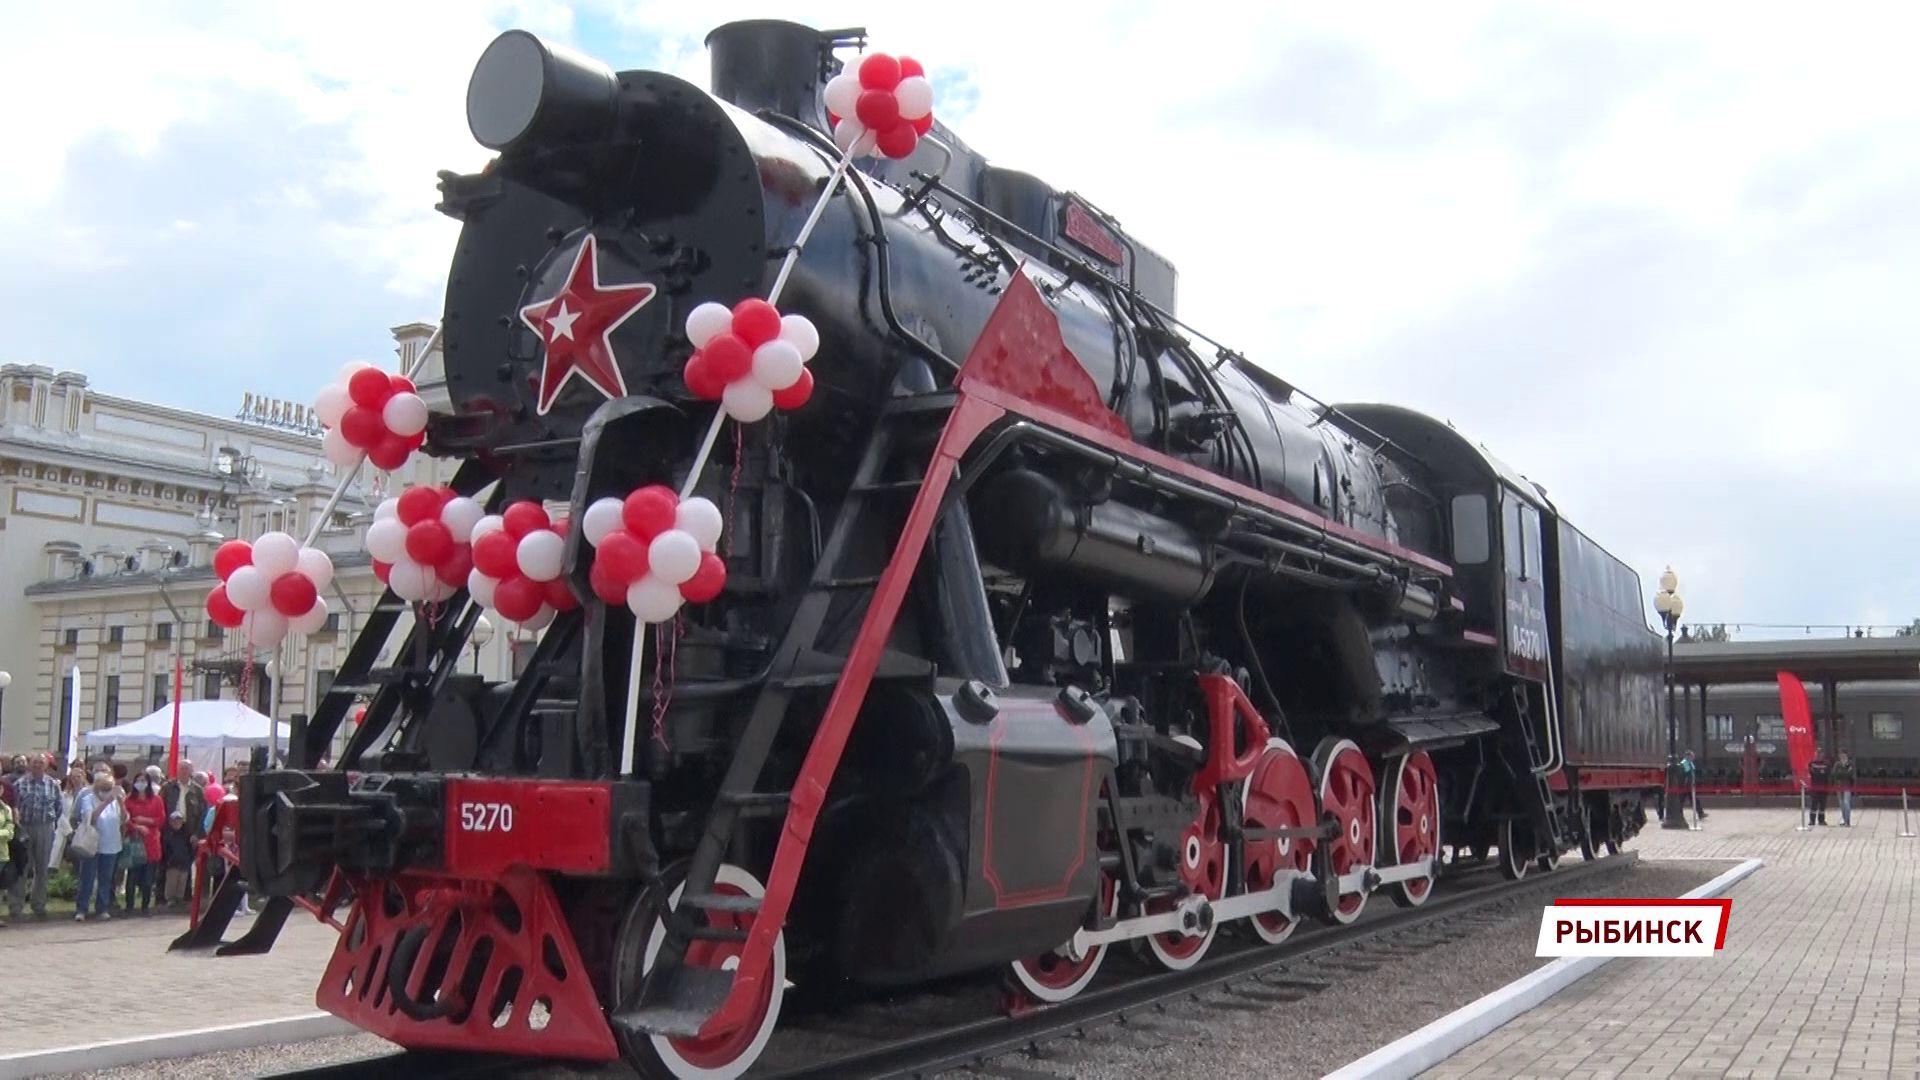 В Рыбинске в День города торжественно открыли ретропоезд